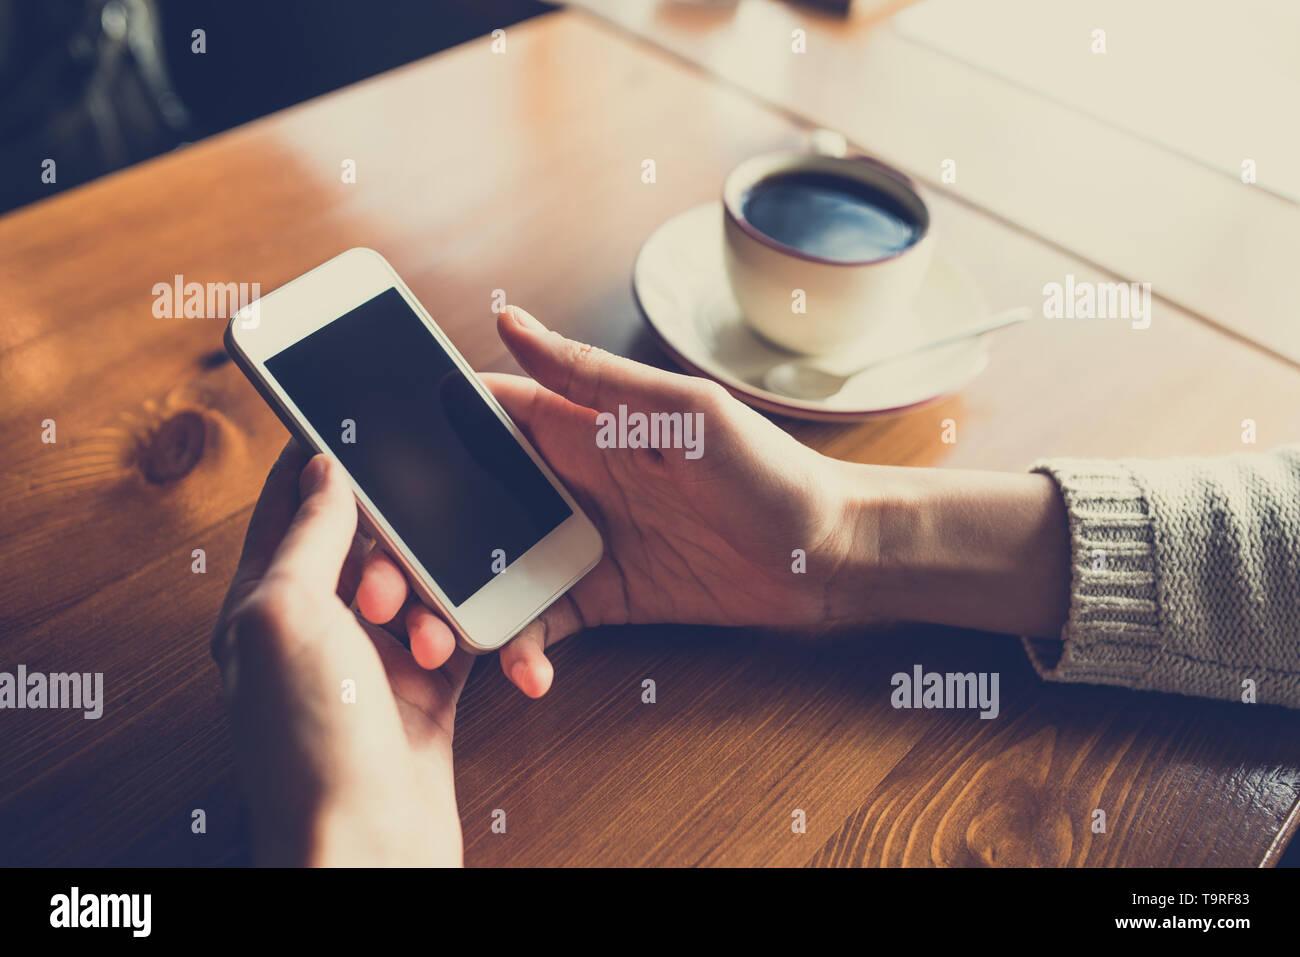 Femme à l'aide du smartphone sur table en bois dans le café. Image en gros plan avec les réseaux sociaux concept Banque D'Images